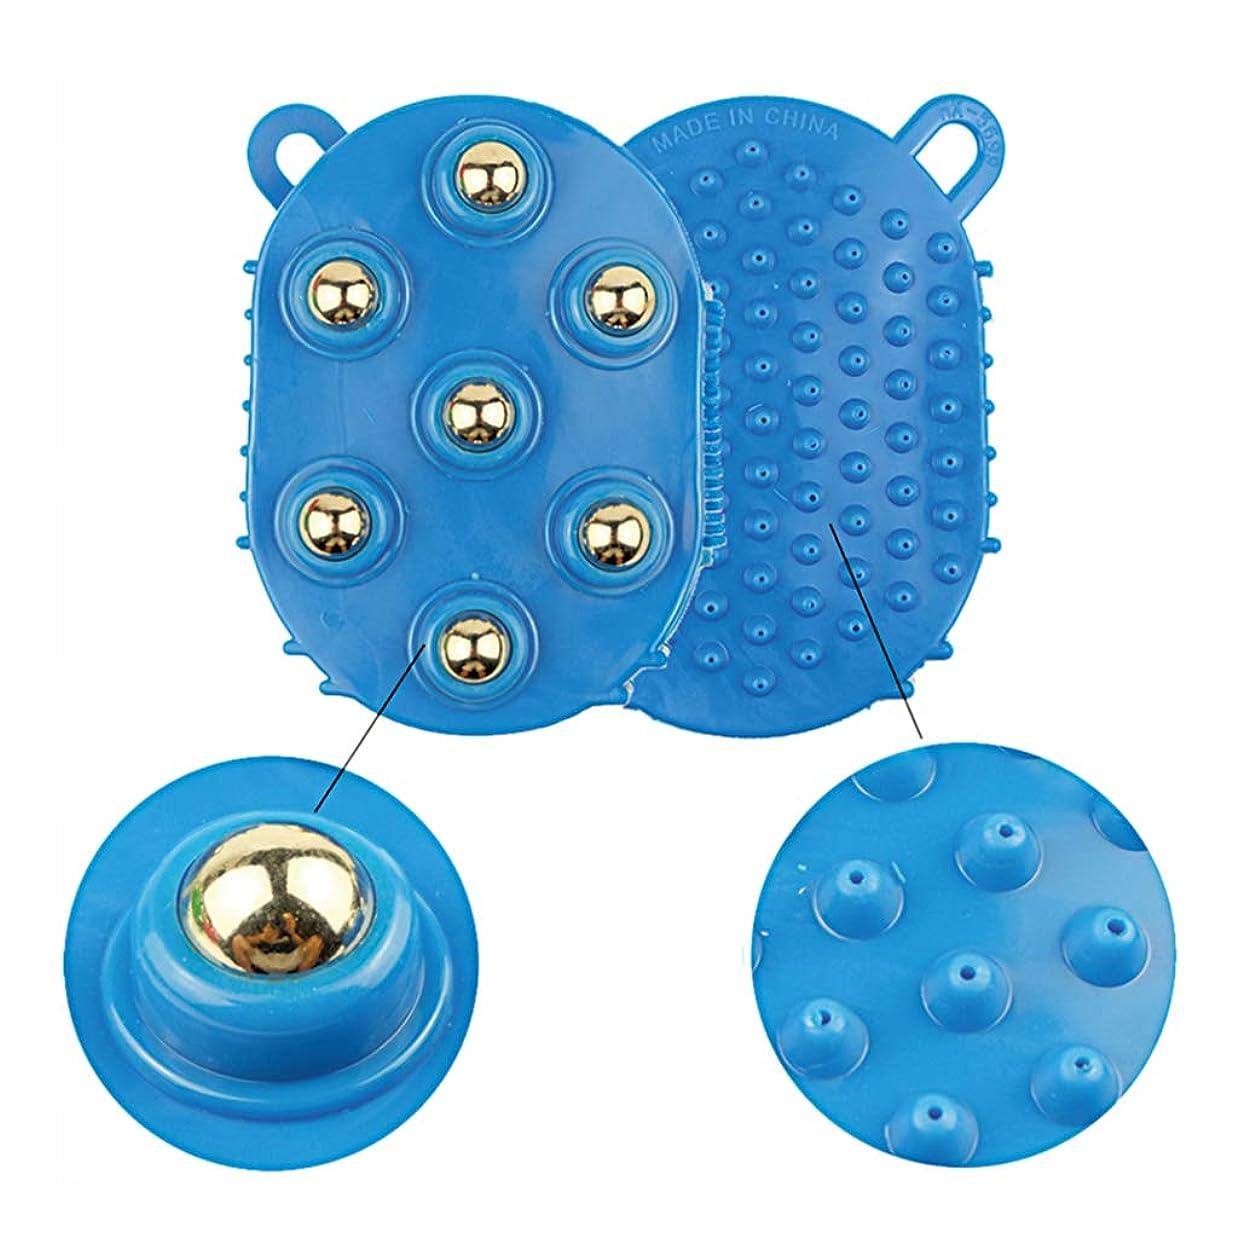 360度スピン7ピーススチールボールローラー痩身ボディマッサージブラシバスで洗うディープティッシュマッサージボールスパイク付き(1パック),Blue